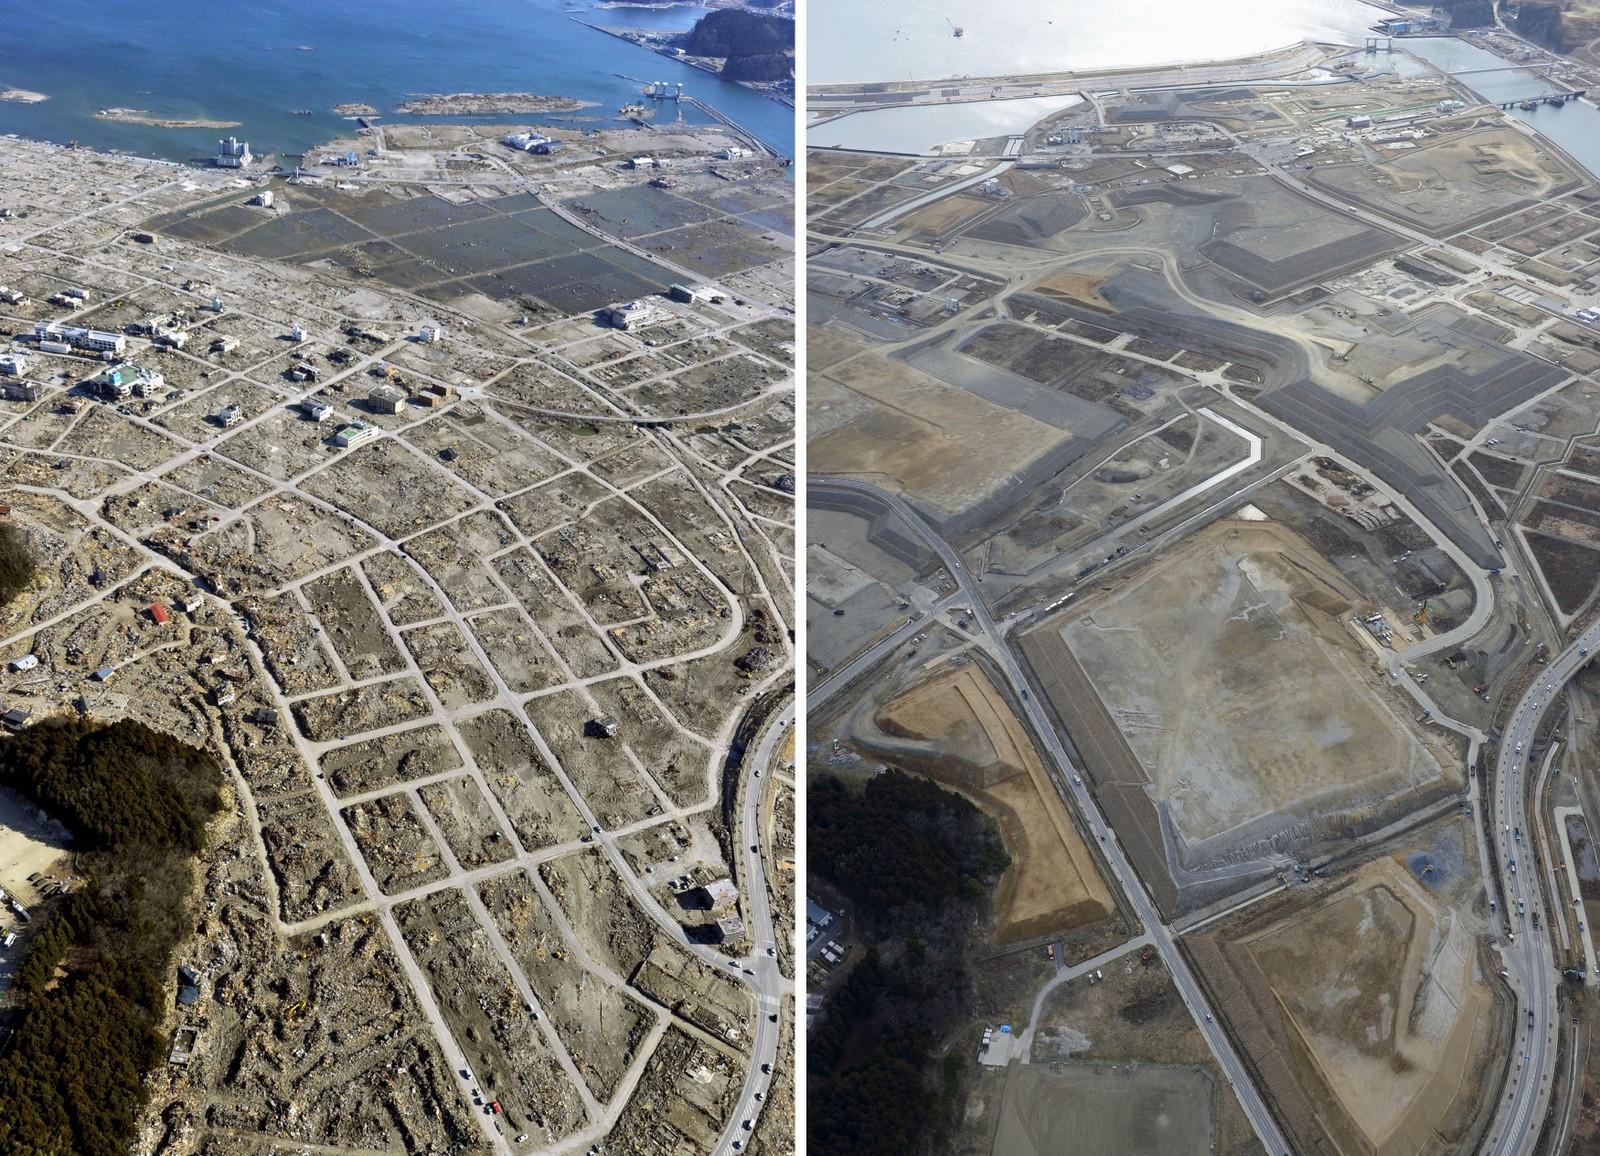 LIGGER I ØDE: Sentrum av byen Rikuzentakata på nordøstkysten ble regelrett jevnet med jorden av tsunamien. (t.v.). Området er ryddet nå og ligger i øde.